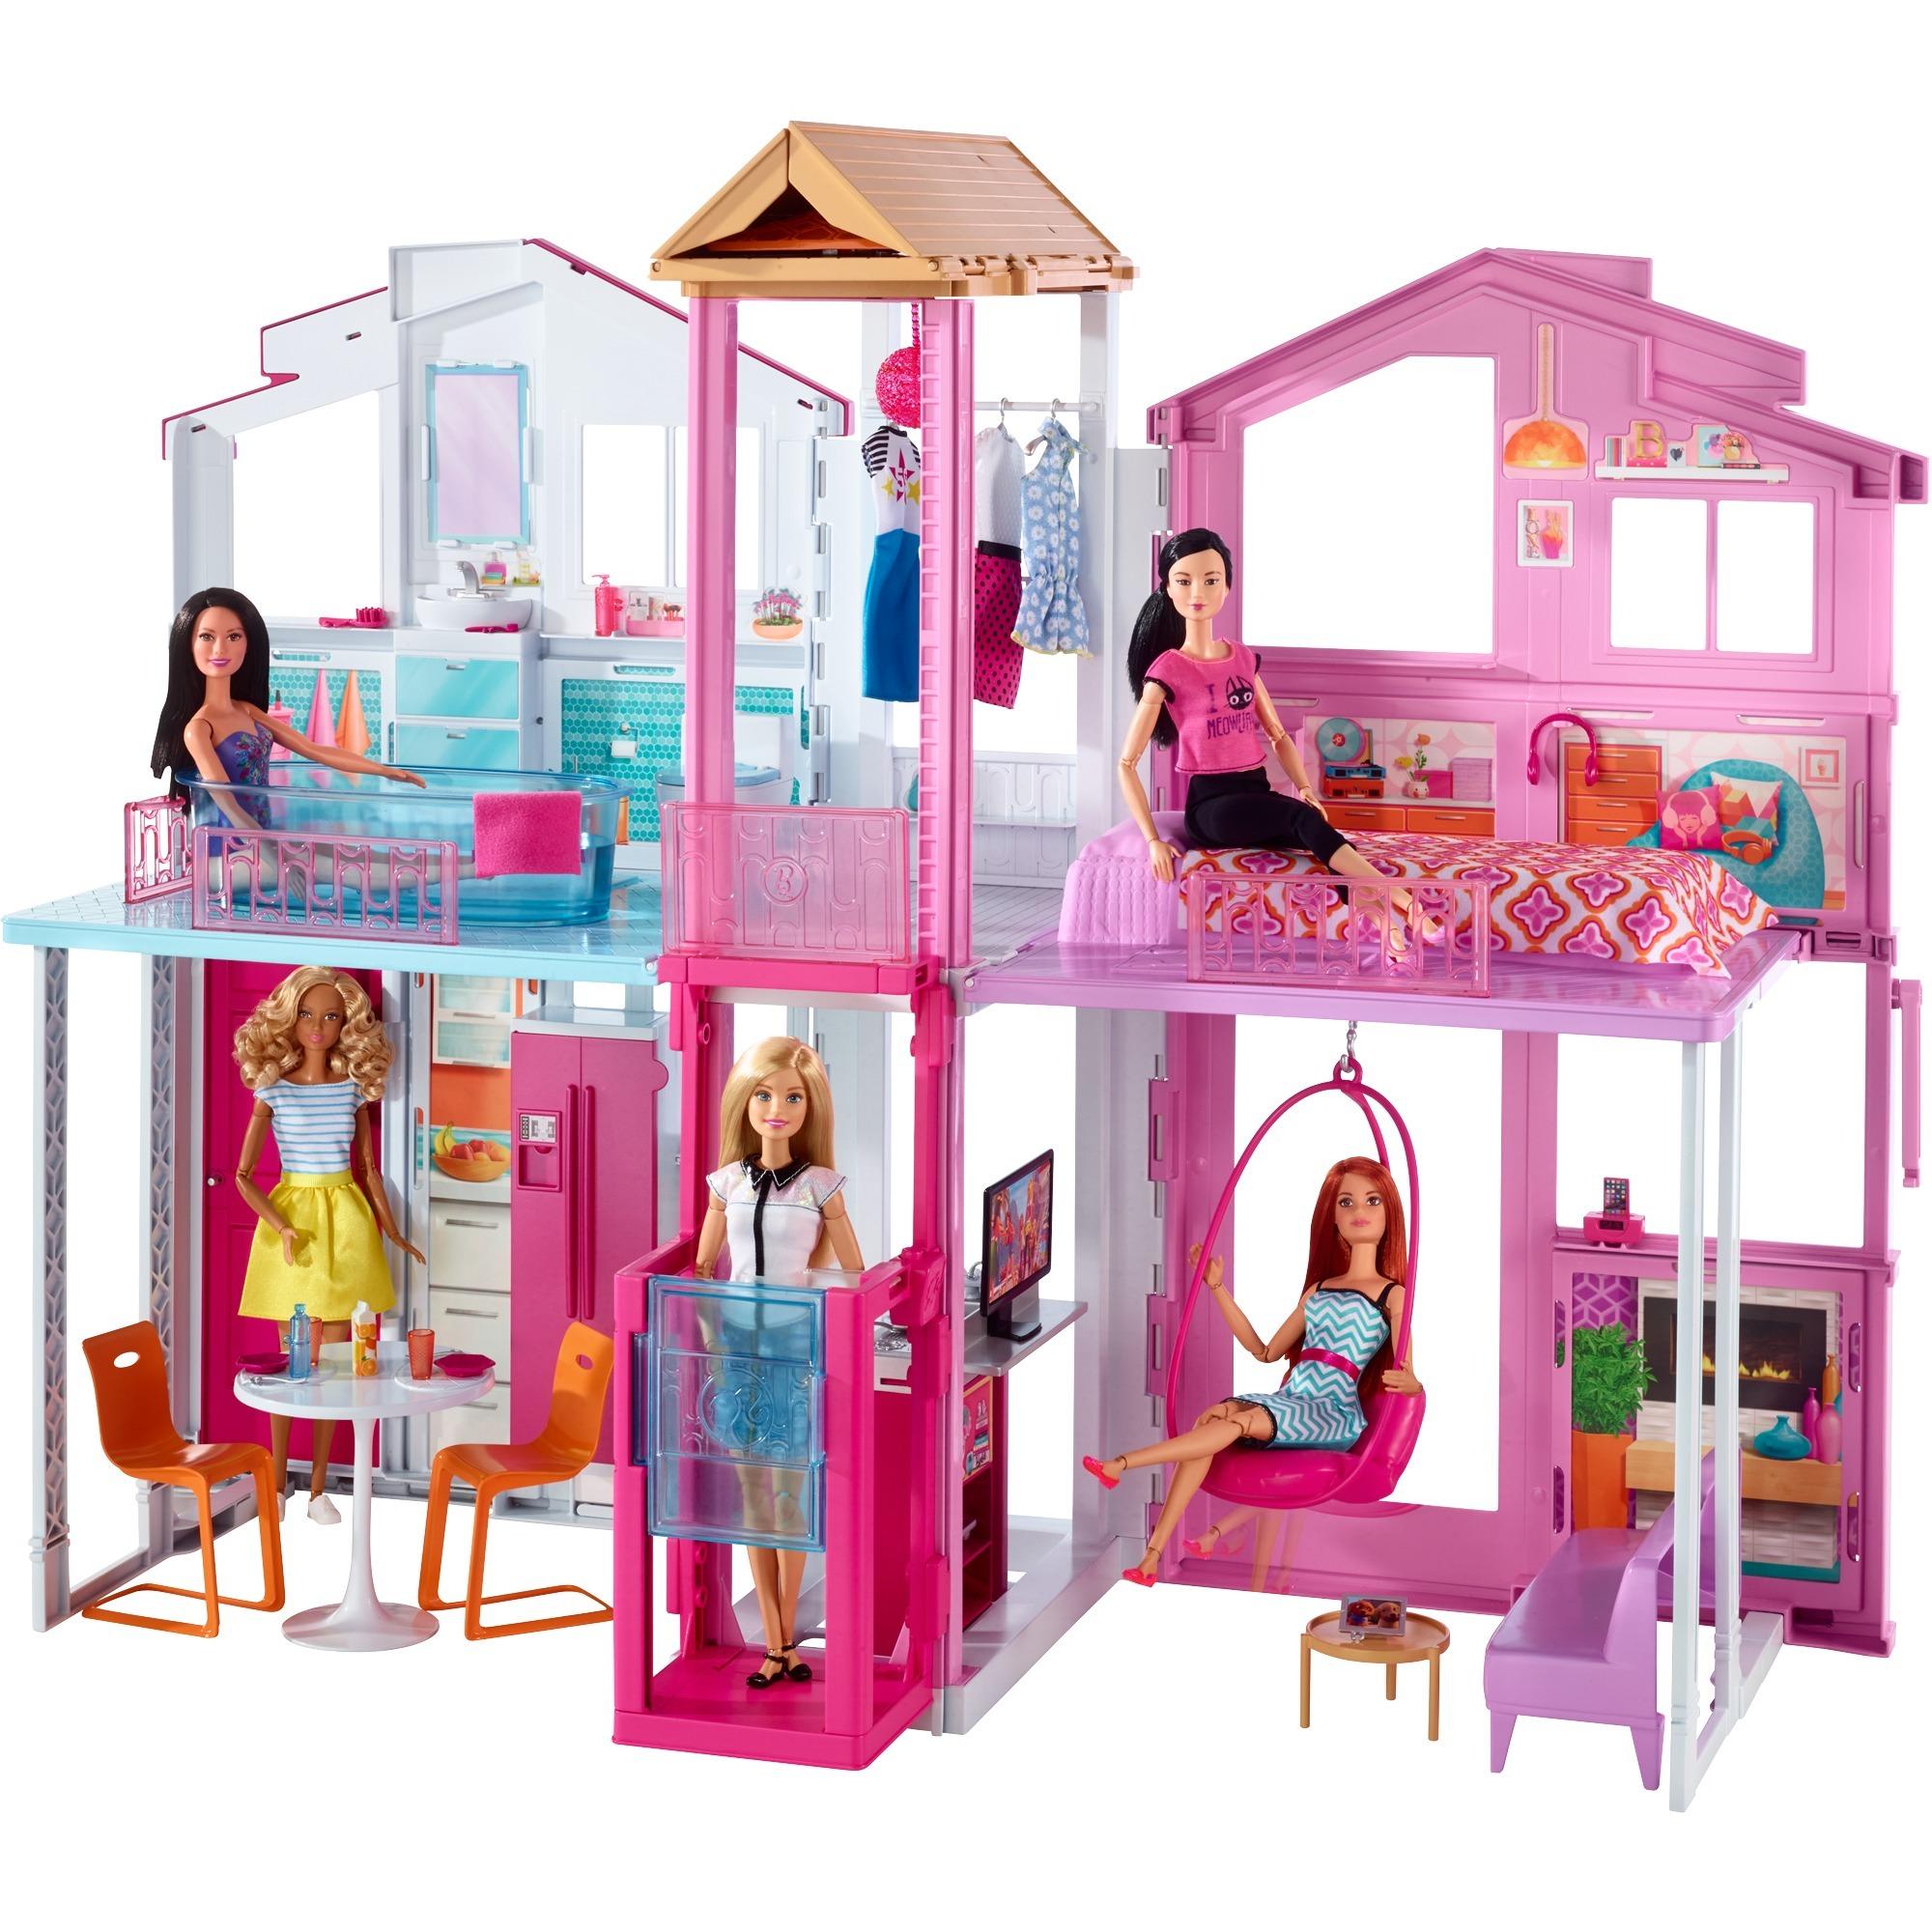 offerte barbie la casa di malibu dly32 per 101 89